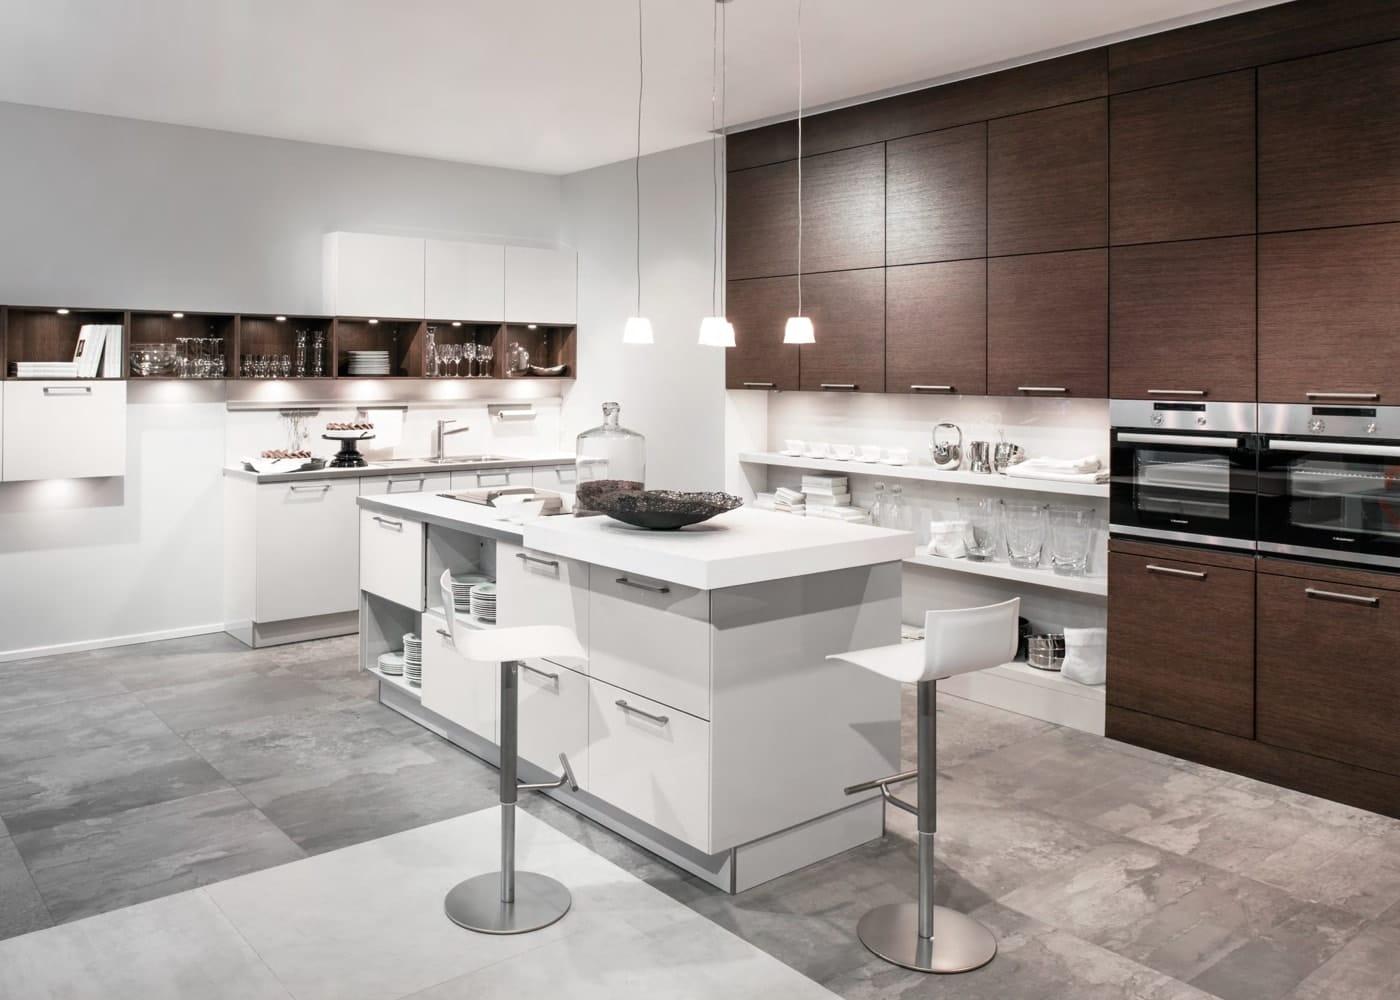 walker renova ag r ume k chen b der schr nke in chur. Black Bedroom Furniture Sets. Home Design Ideas